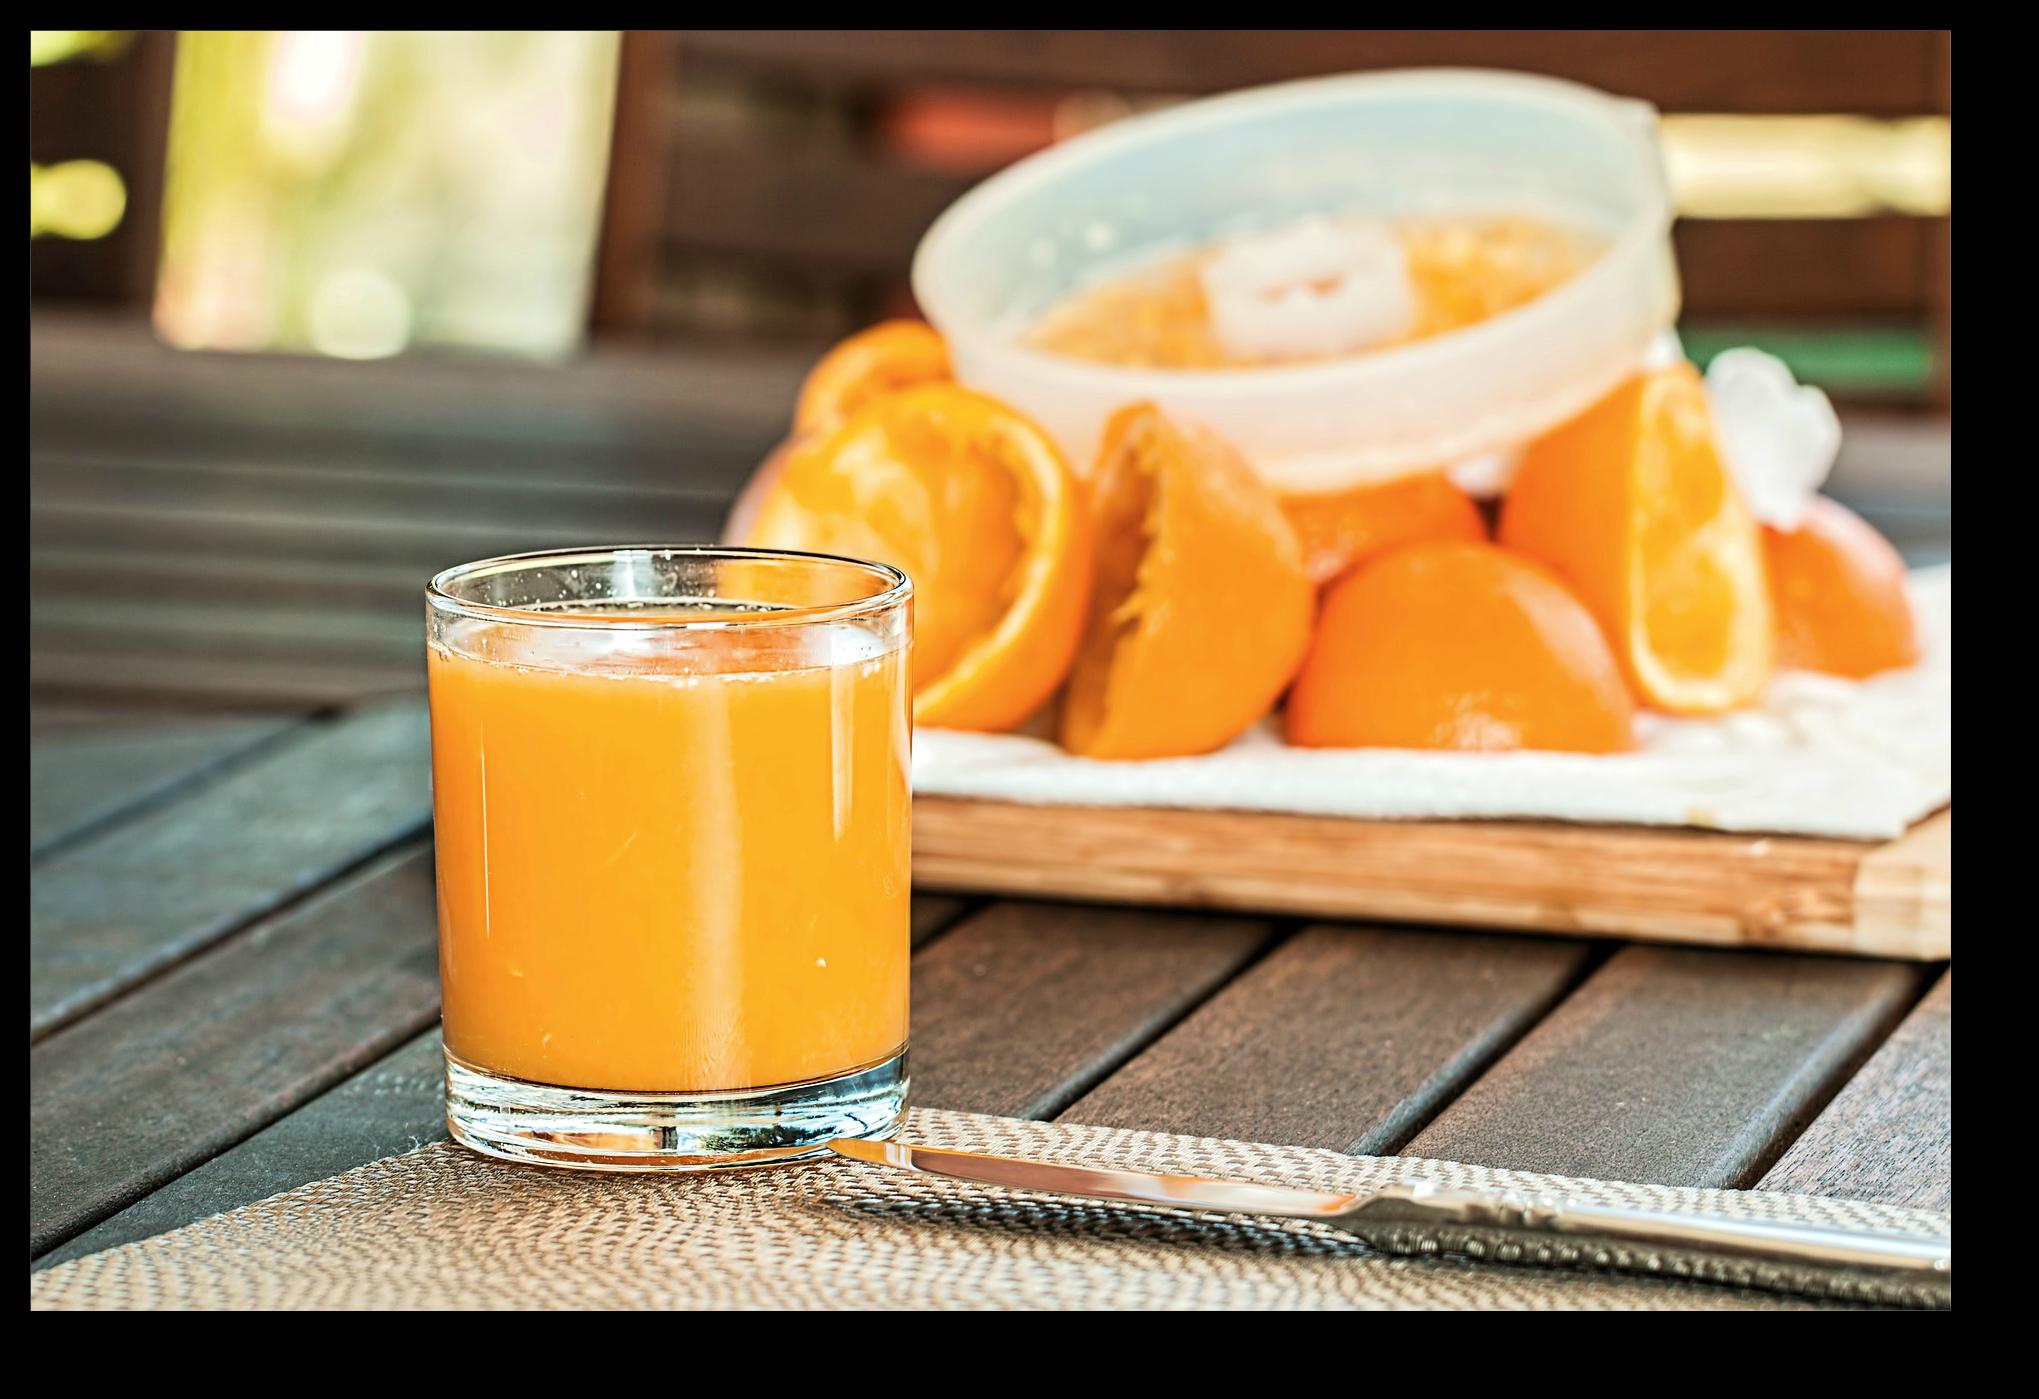 fruit juice concentrate - orange juice